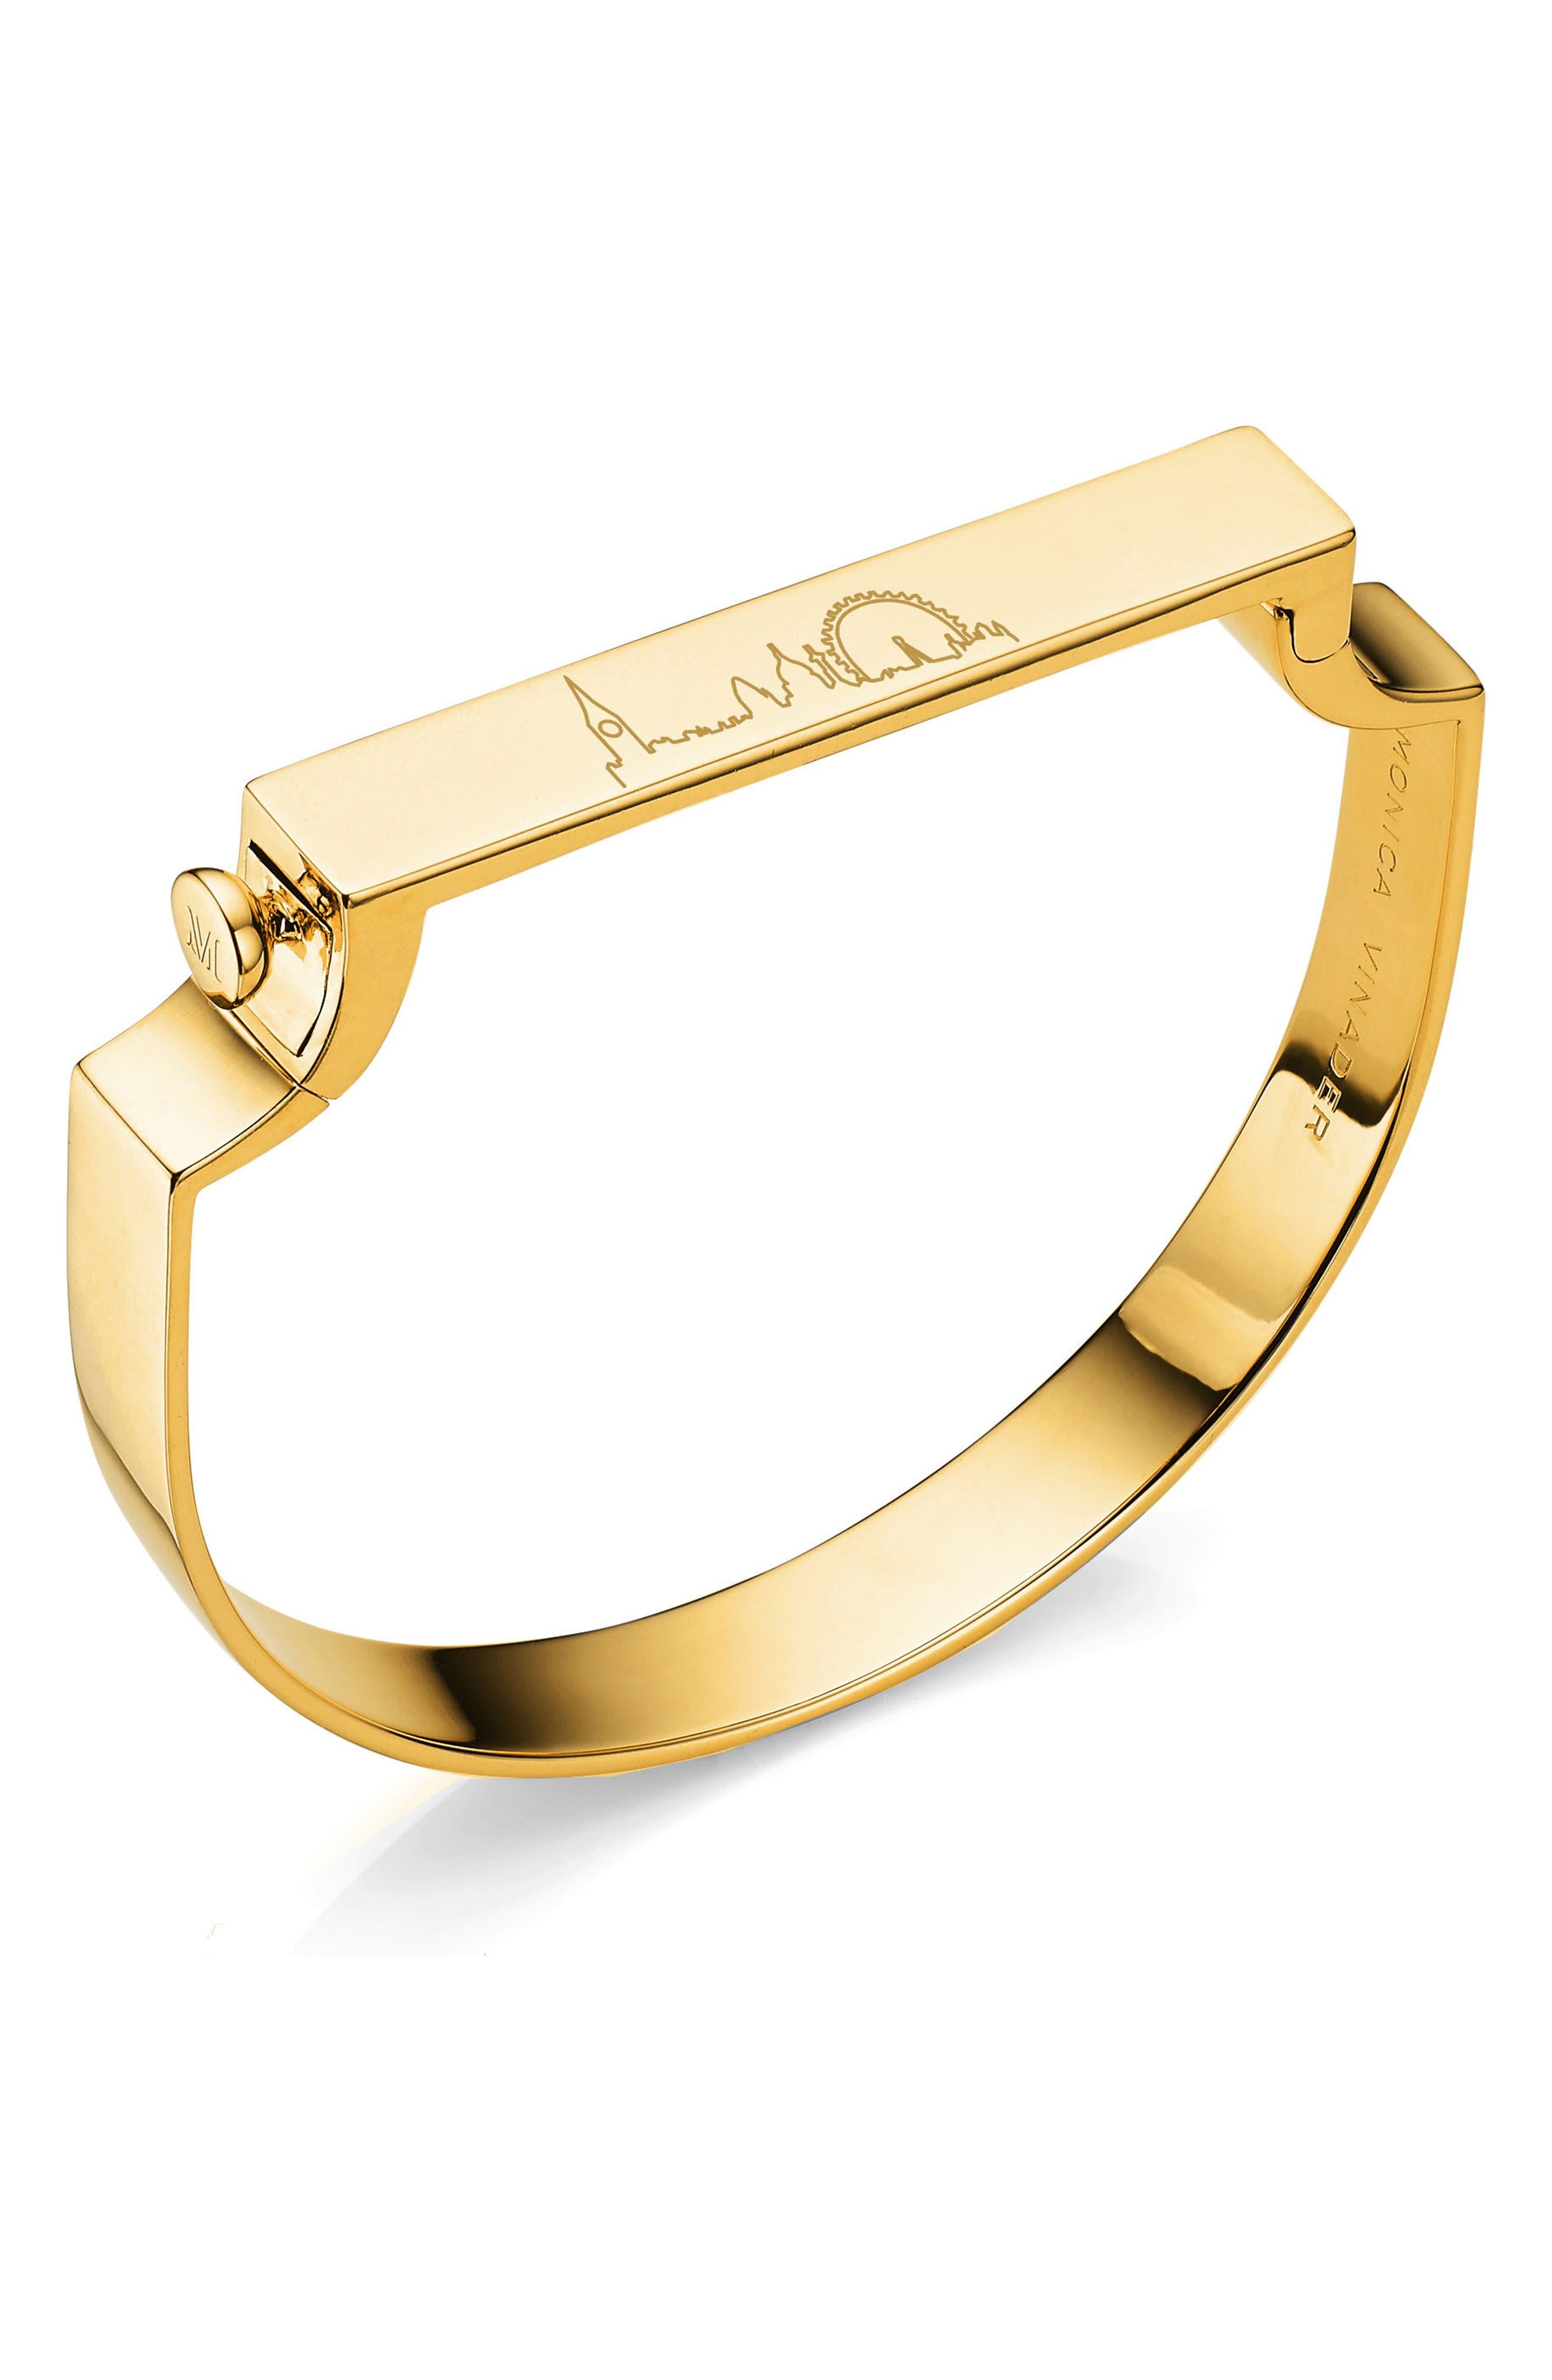 Engravable Large Signature Bracelet,                             Alternate thumbnail 3, color,                             YELLOW GOLD